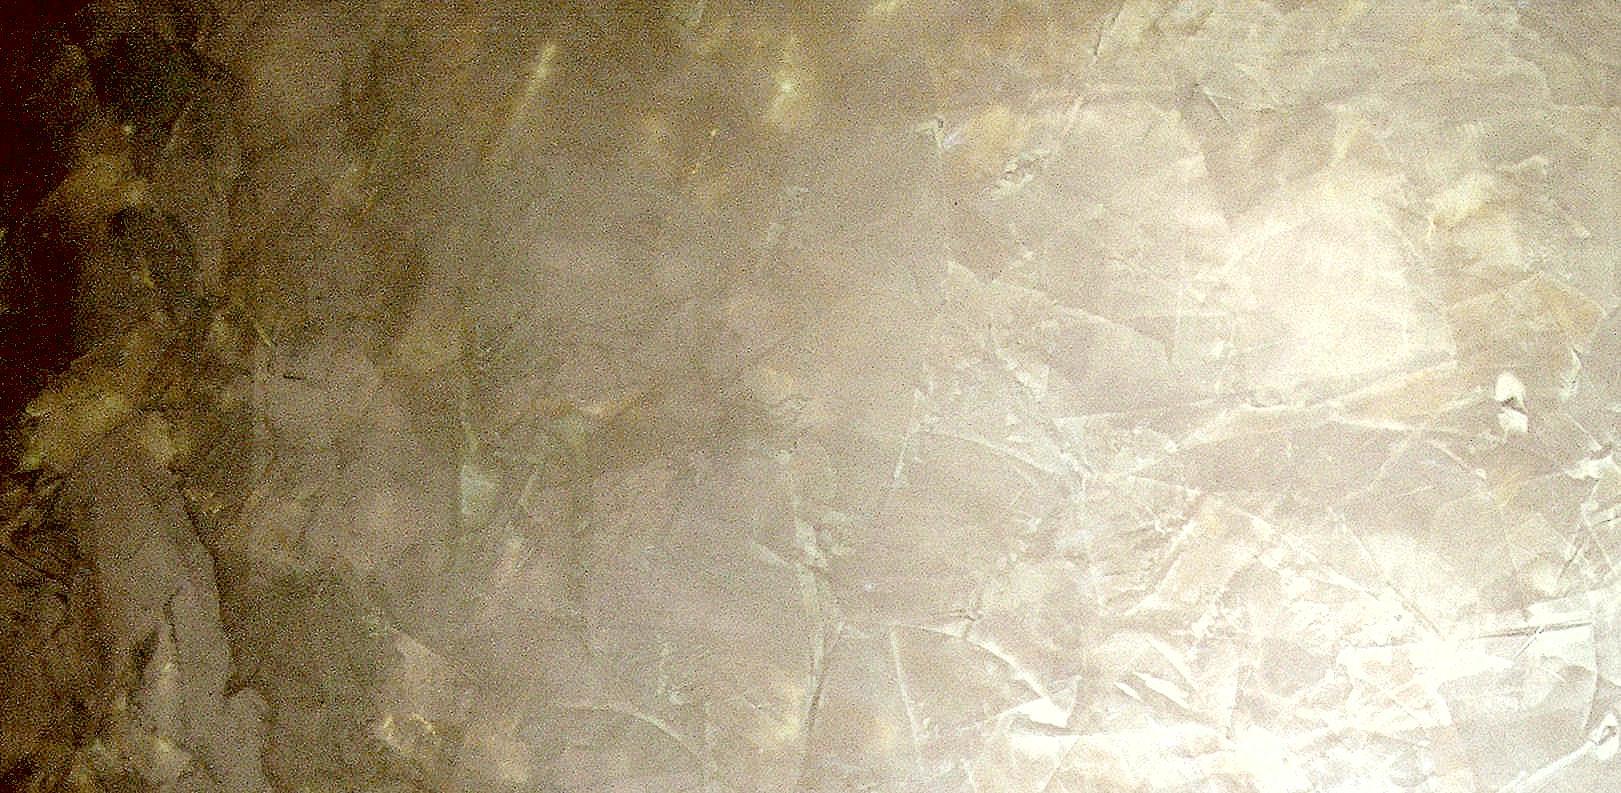 Dekorative gestaltung bei malermeister hartmut gutsche in sachsen wilthen - Spachteltechnik wand ...